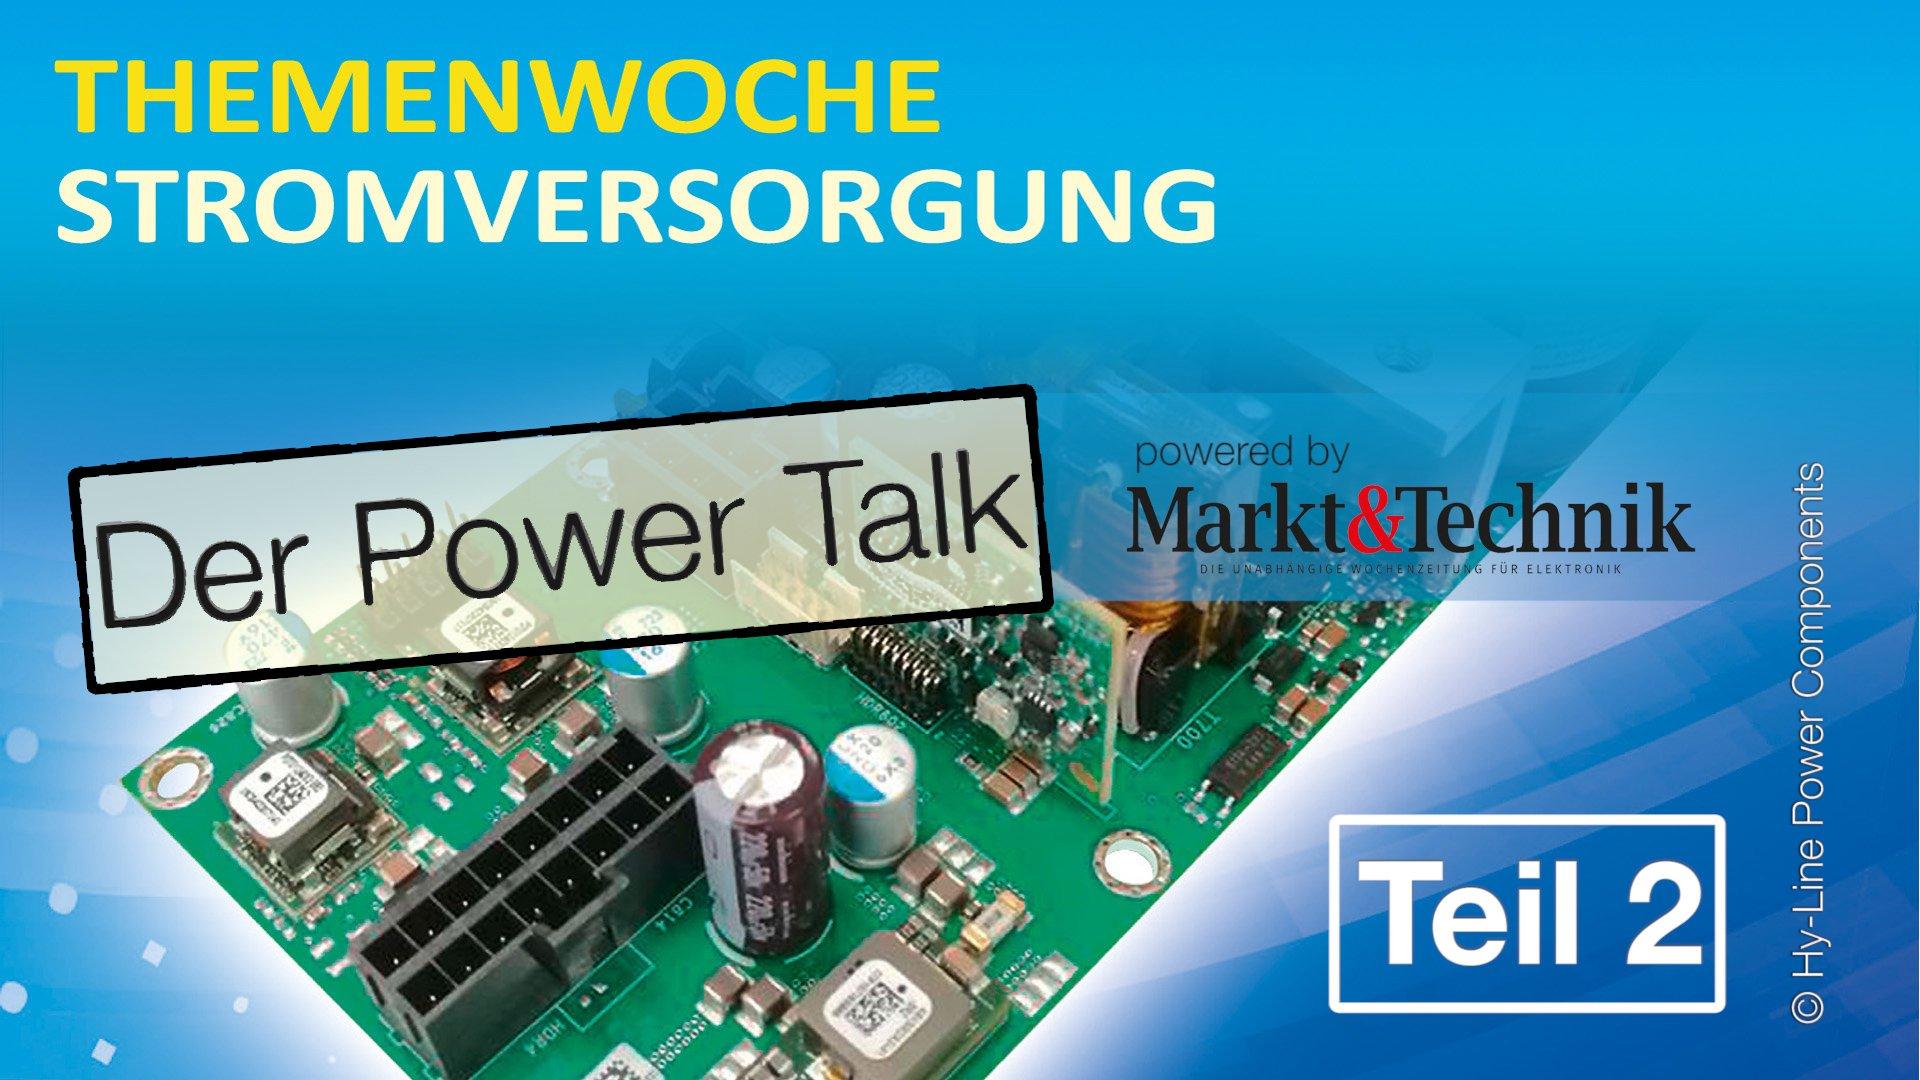 Power-Talk (Teil 2): Führen steigende Kosten zu höheren Preisen für die Stromversorgung?